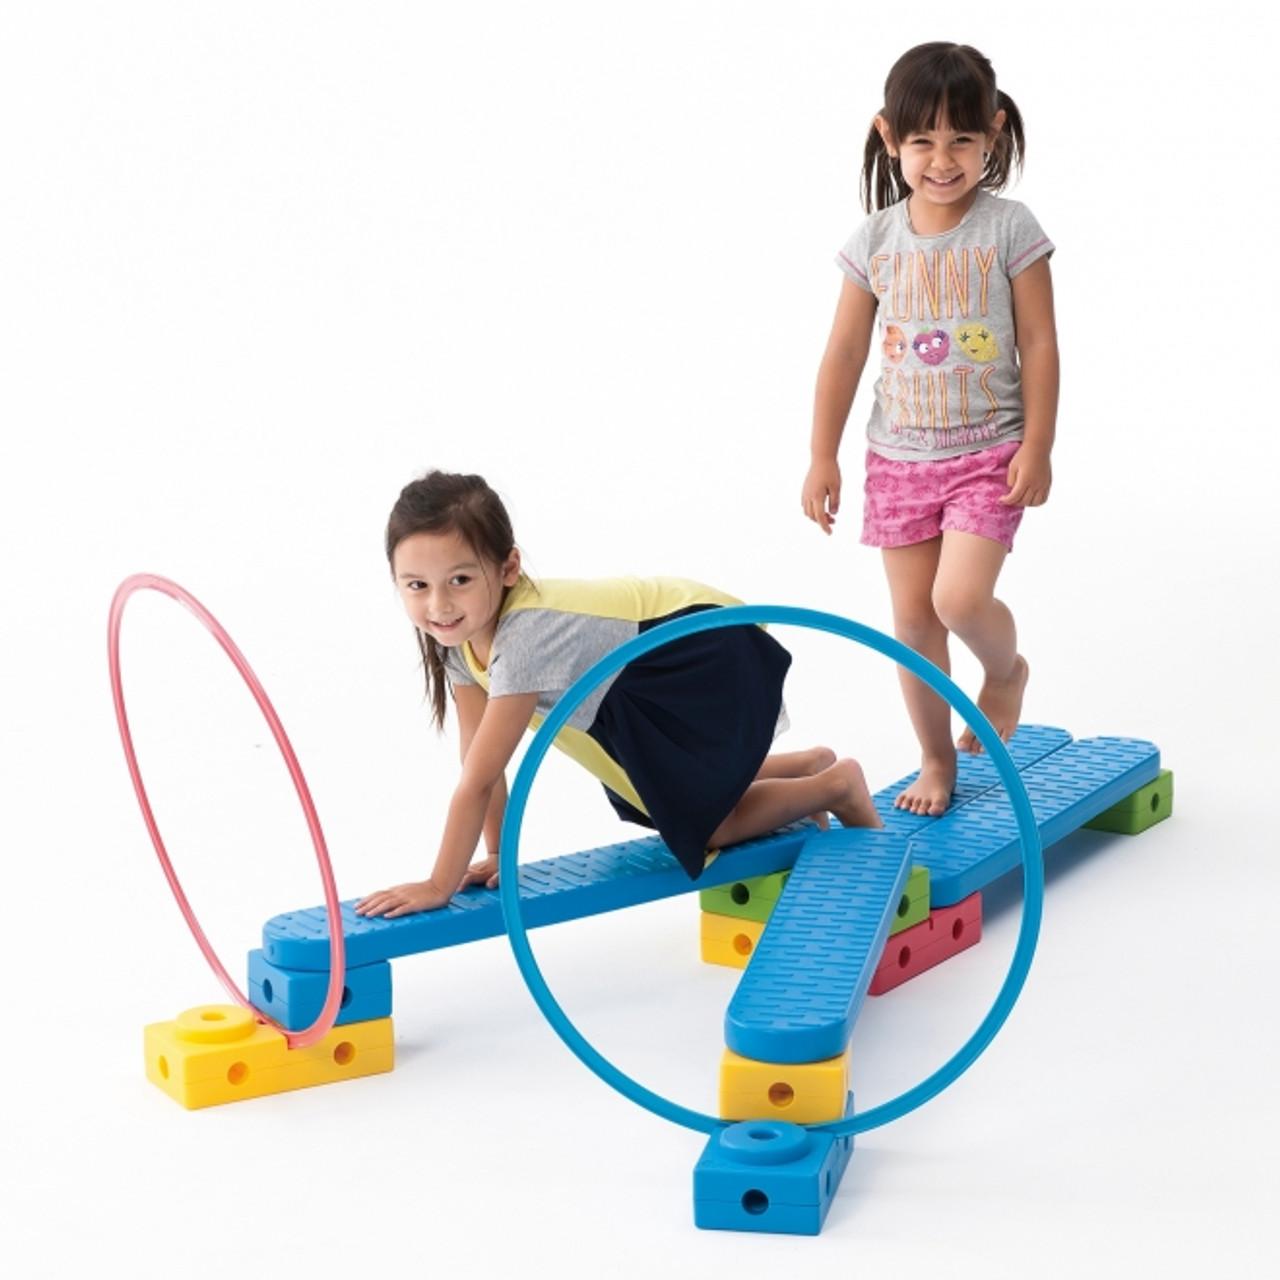 Motor Skills Balancing Play Set